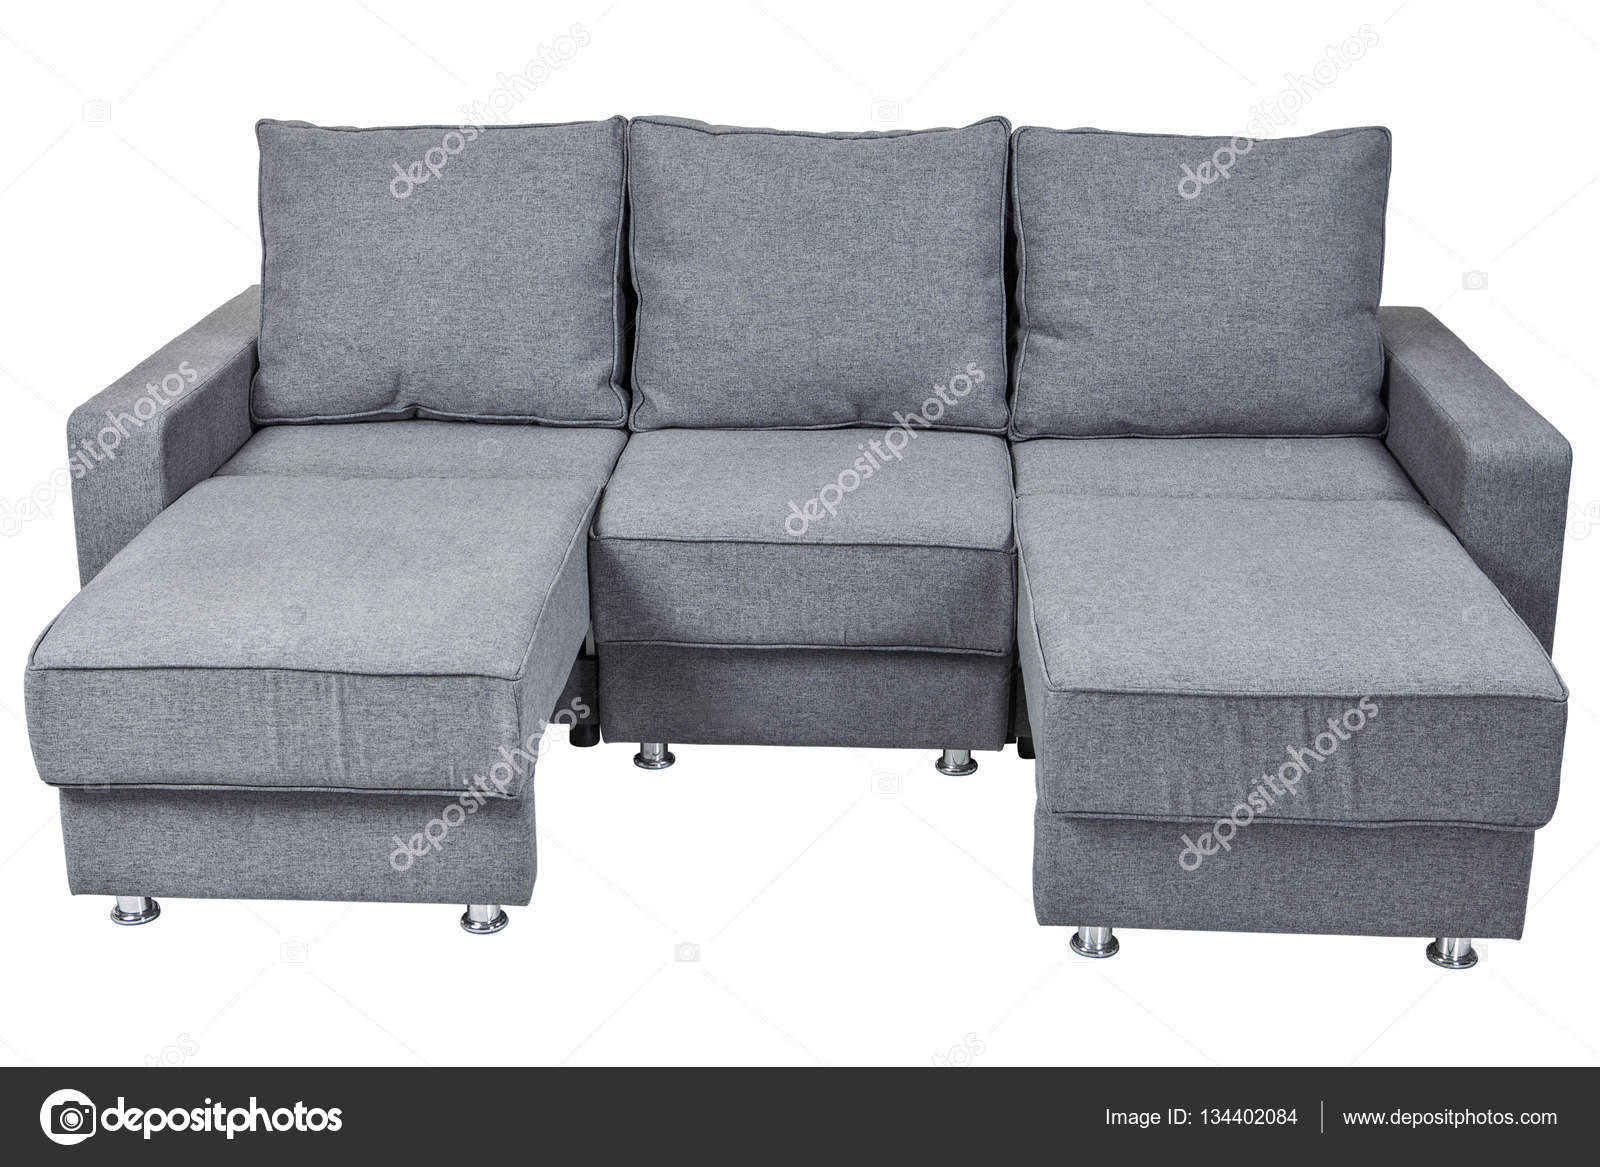 Einzigartig Ausklappbares Bett Foto Von Aufklsuperbbares Sofa-bett Mit Farbe Grau, Isoliert Auf